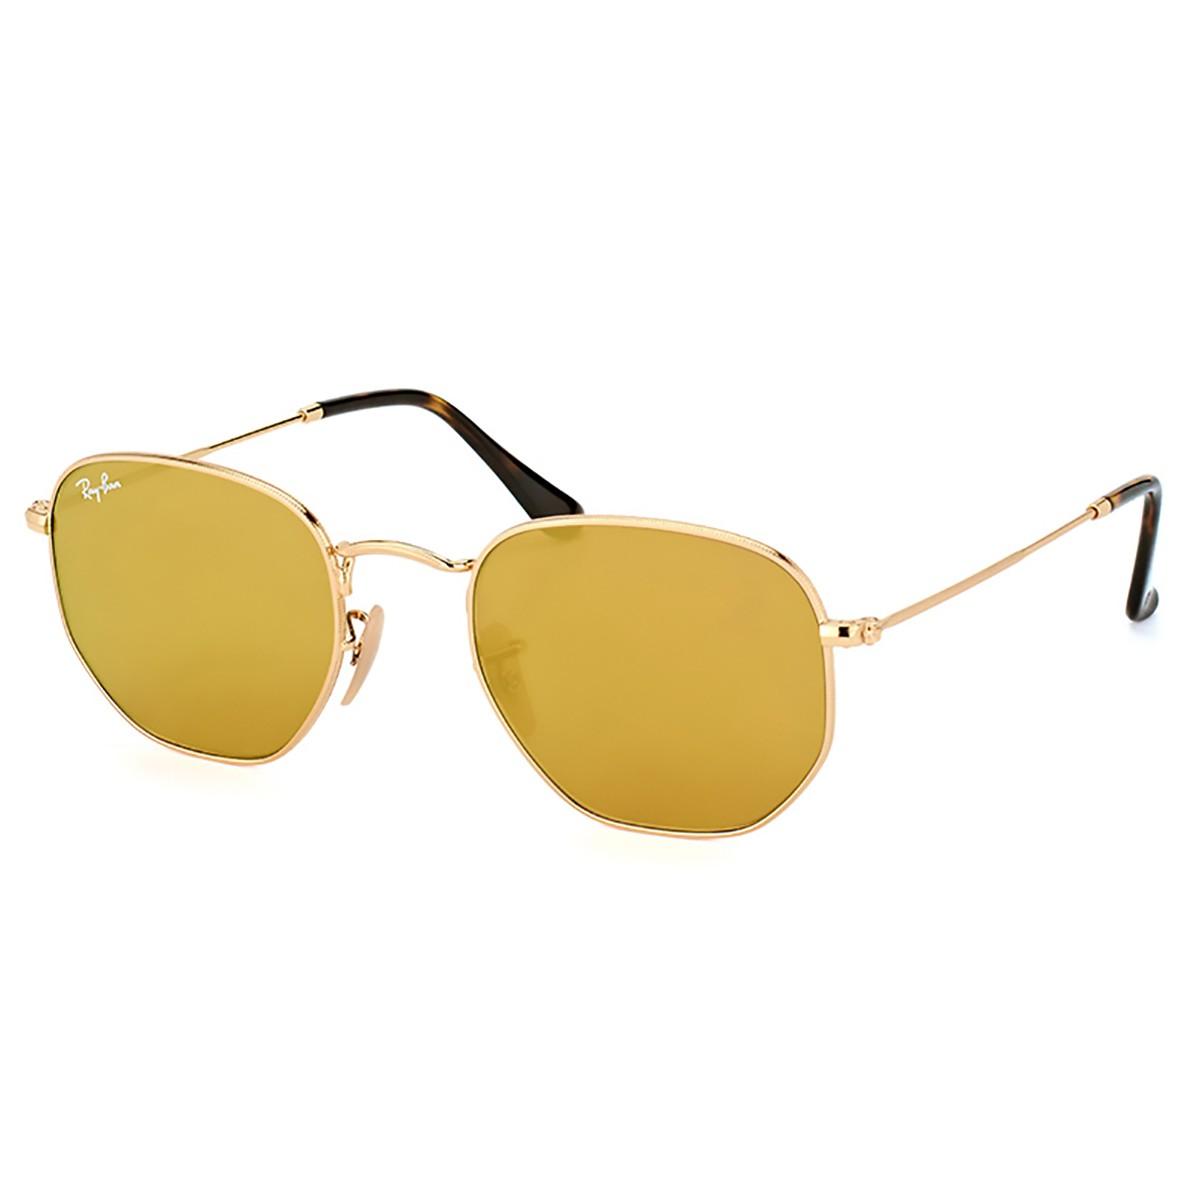 88c36b589a Compre Óculos de Sol Ray Ban Hexagonal em 10X | Tri-Jóia Shop